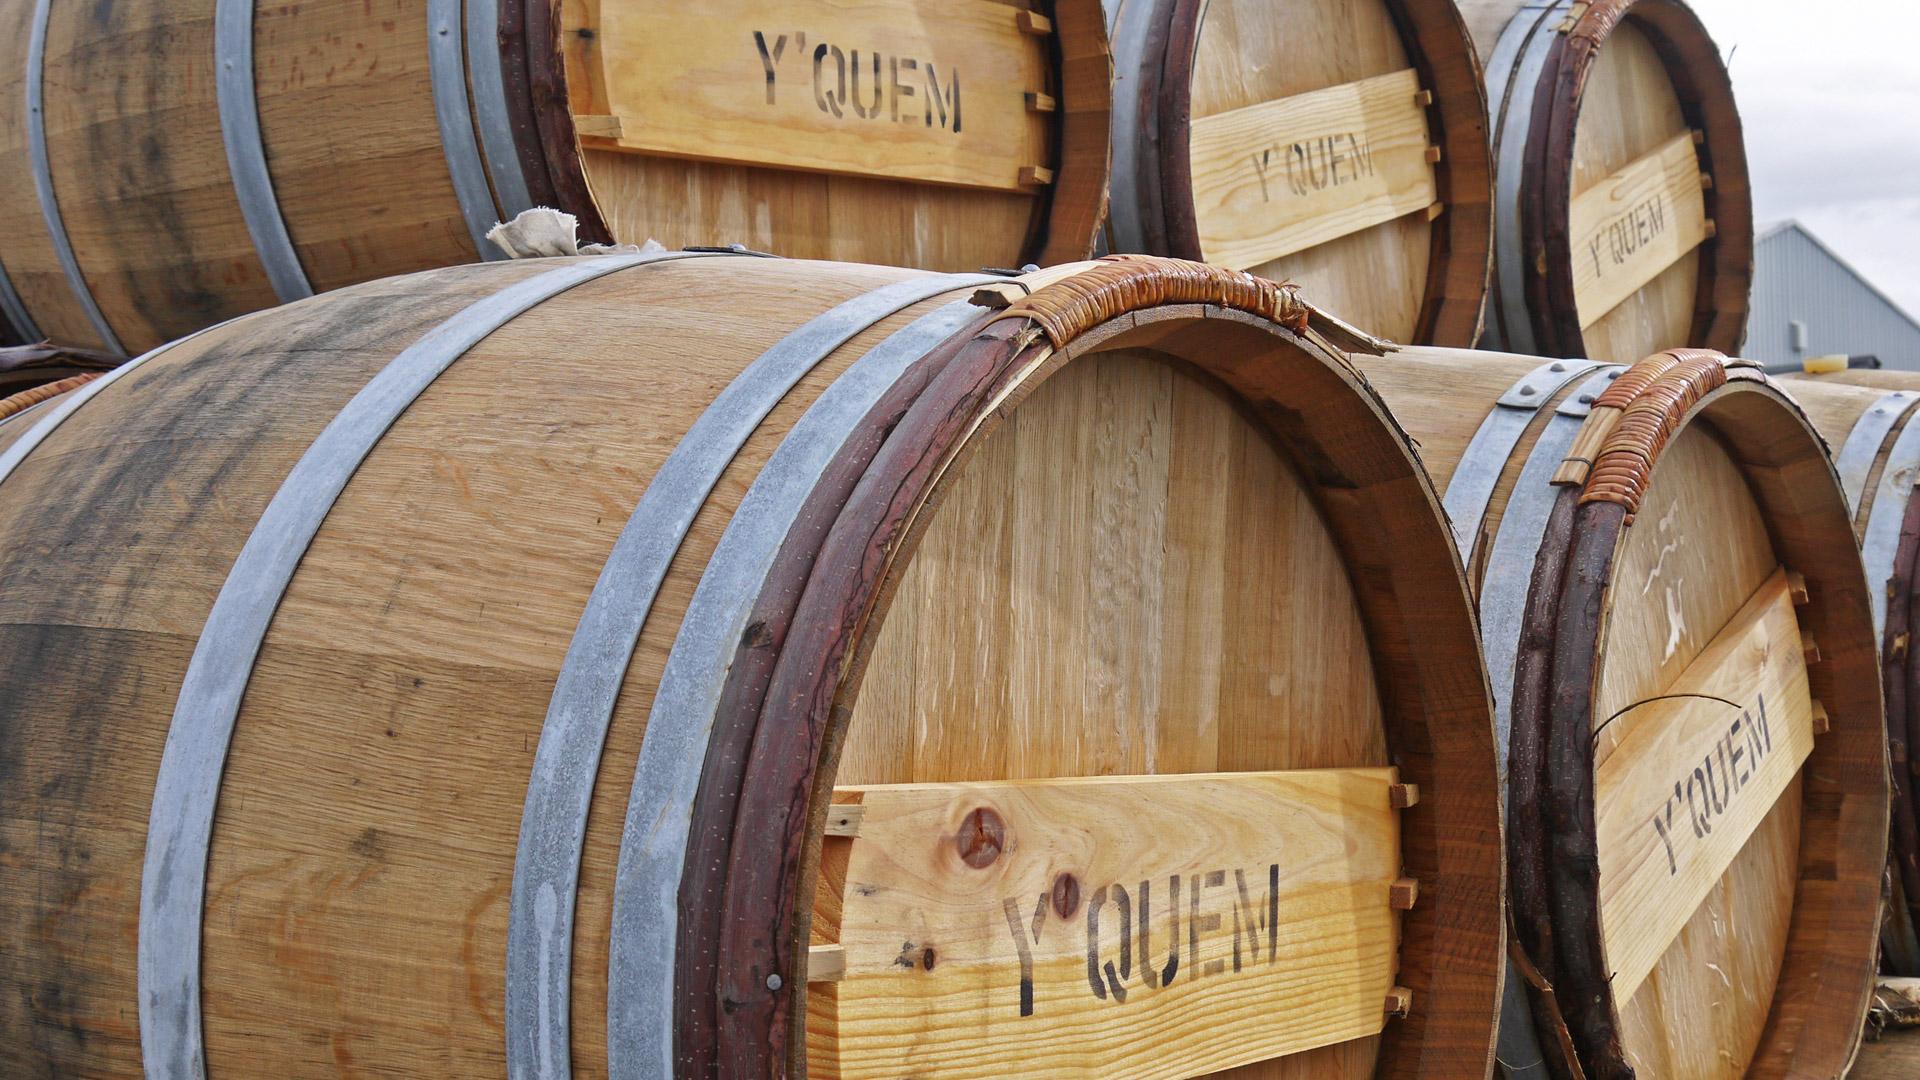 Exklusive Weinfässer des Château d'Yquem aus Frankreich werden auch für die Lagerung von Whisky eingesetzt. (Foto: Malt Whisky)